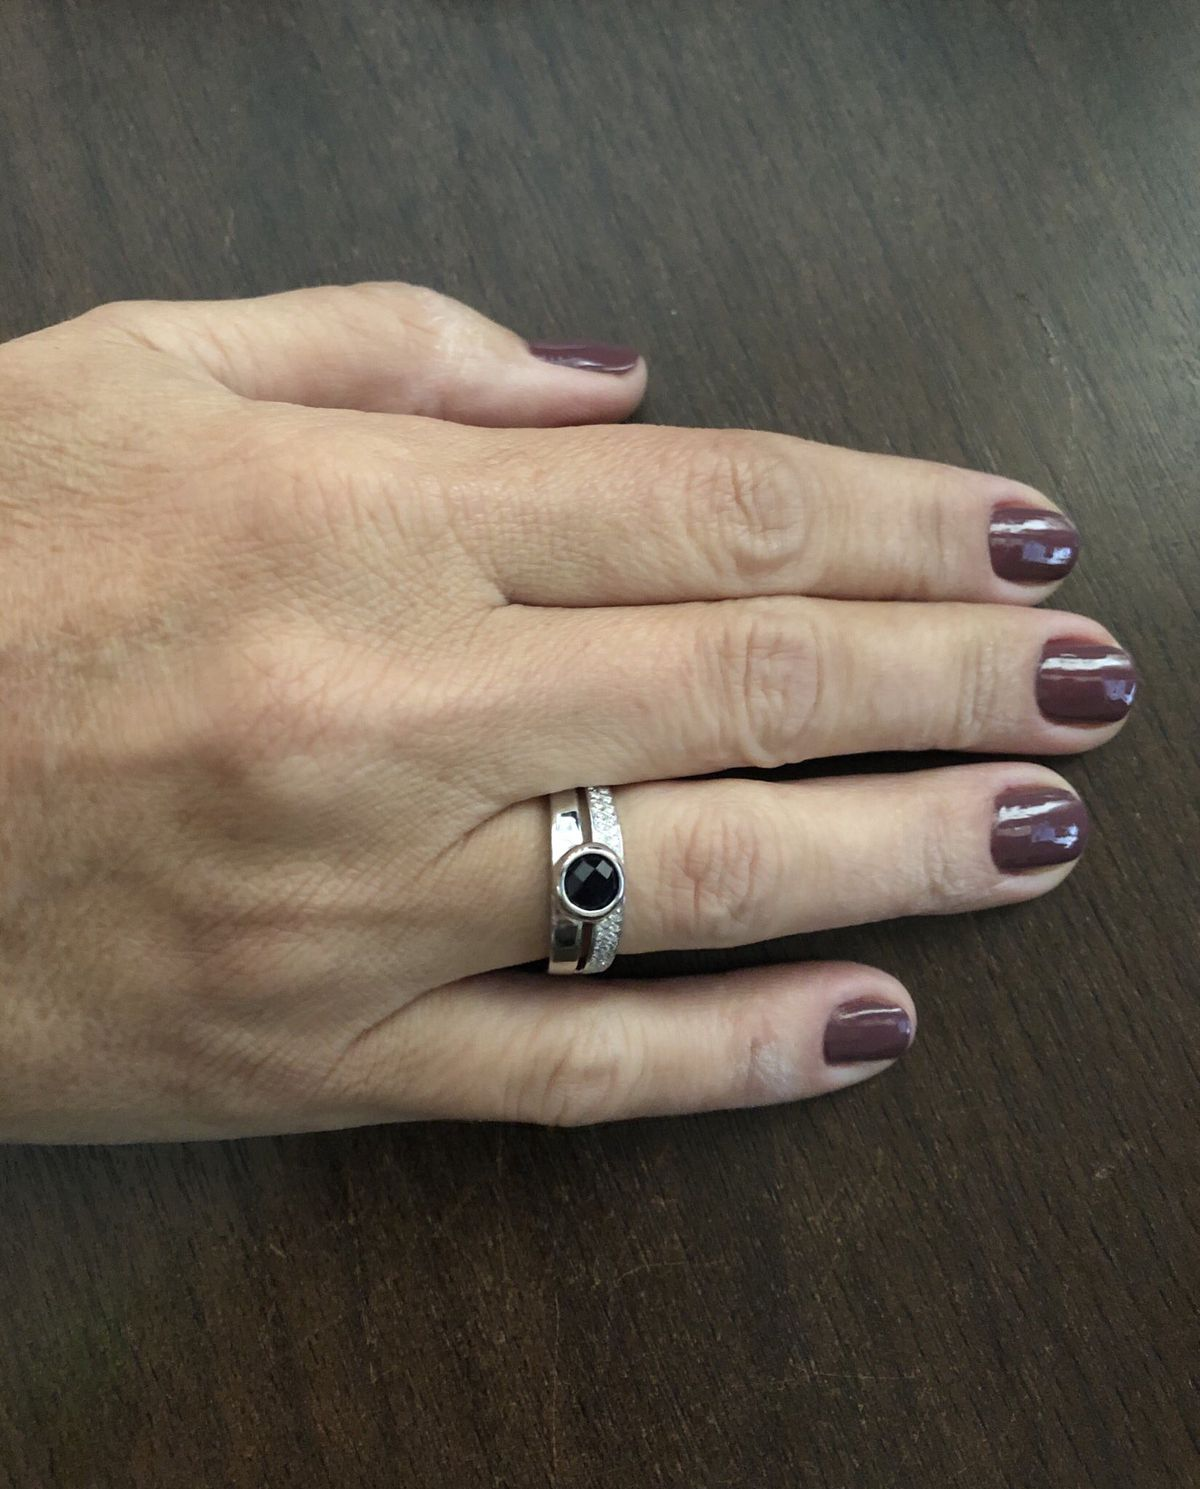 Кольцо с сапфиром на значимое событие